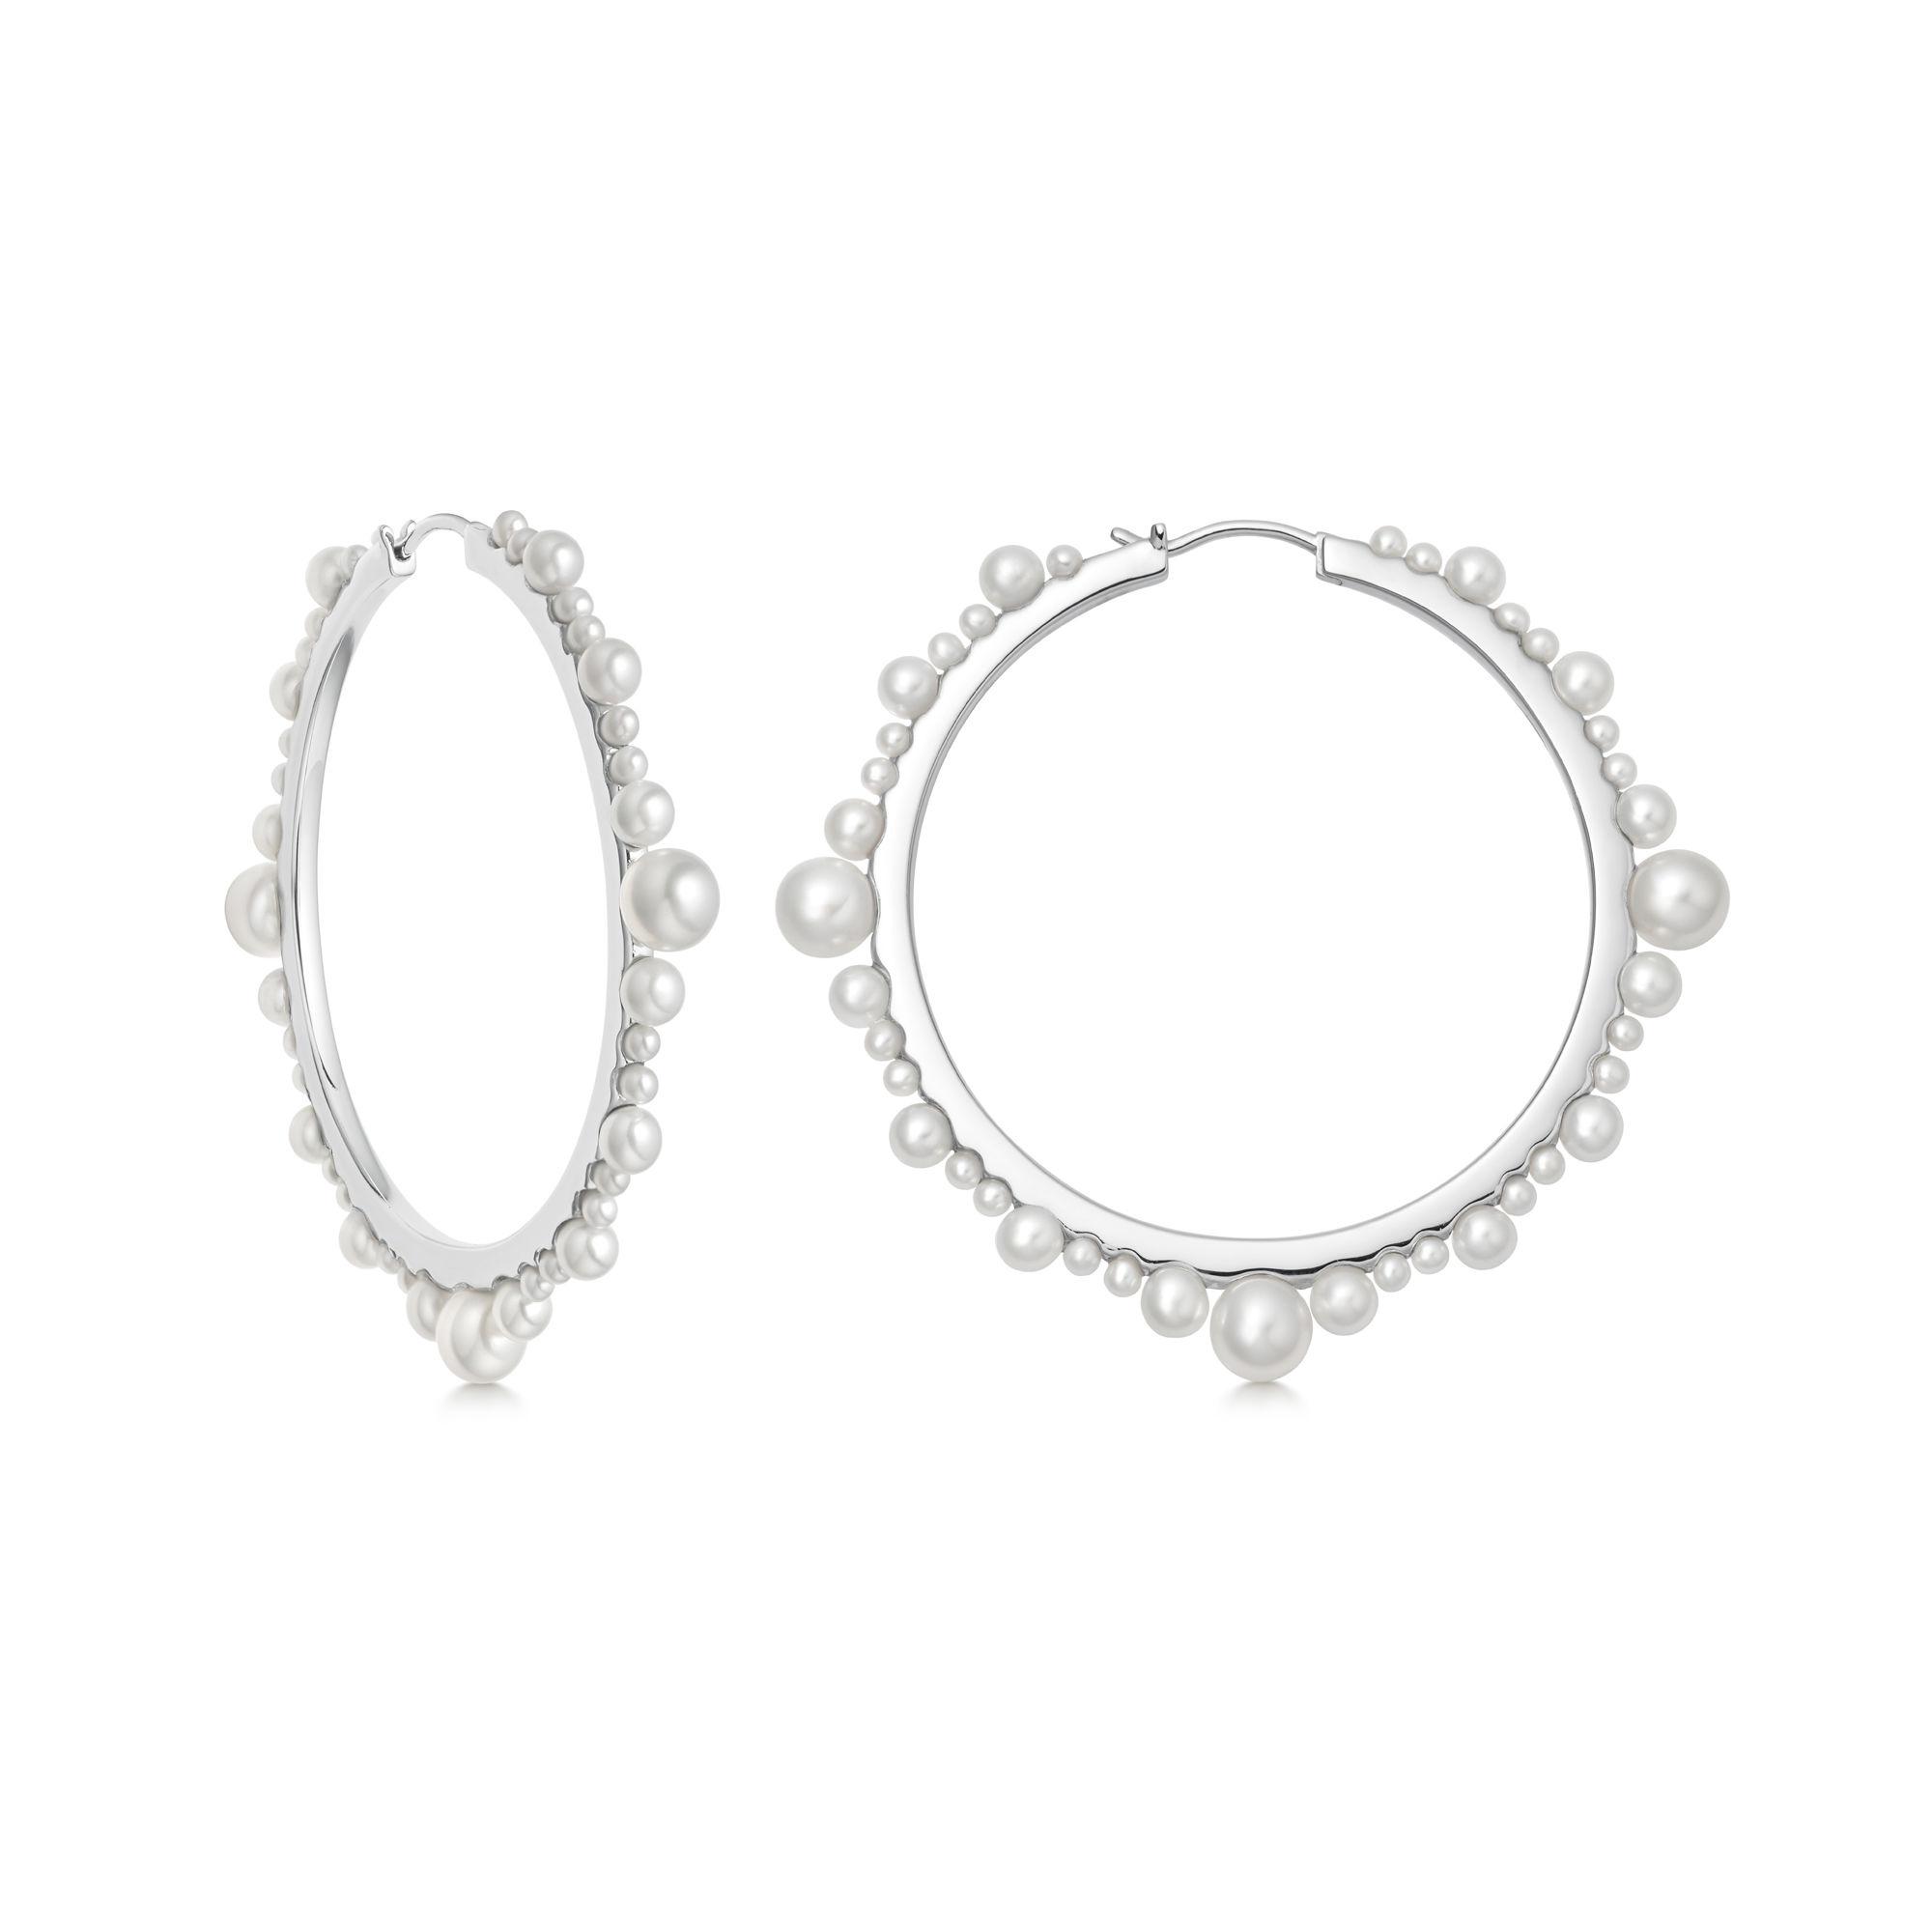 Orbs Pearl & Sterling Silver Large Hoop Earrings, $420